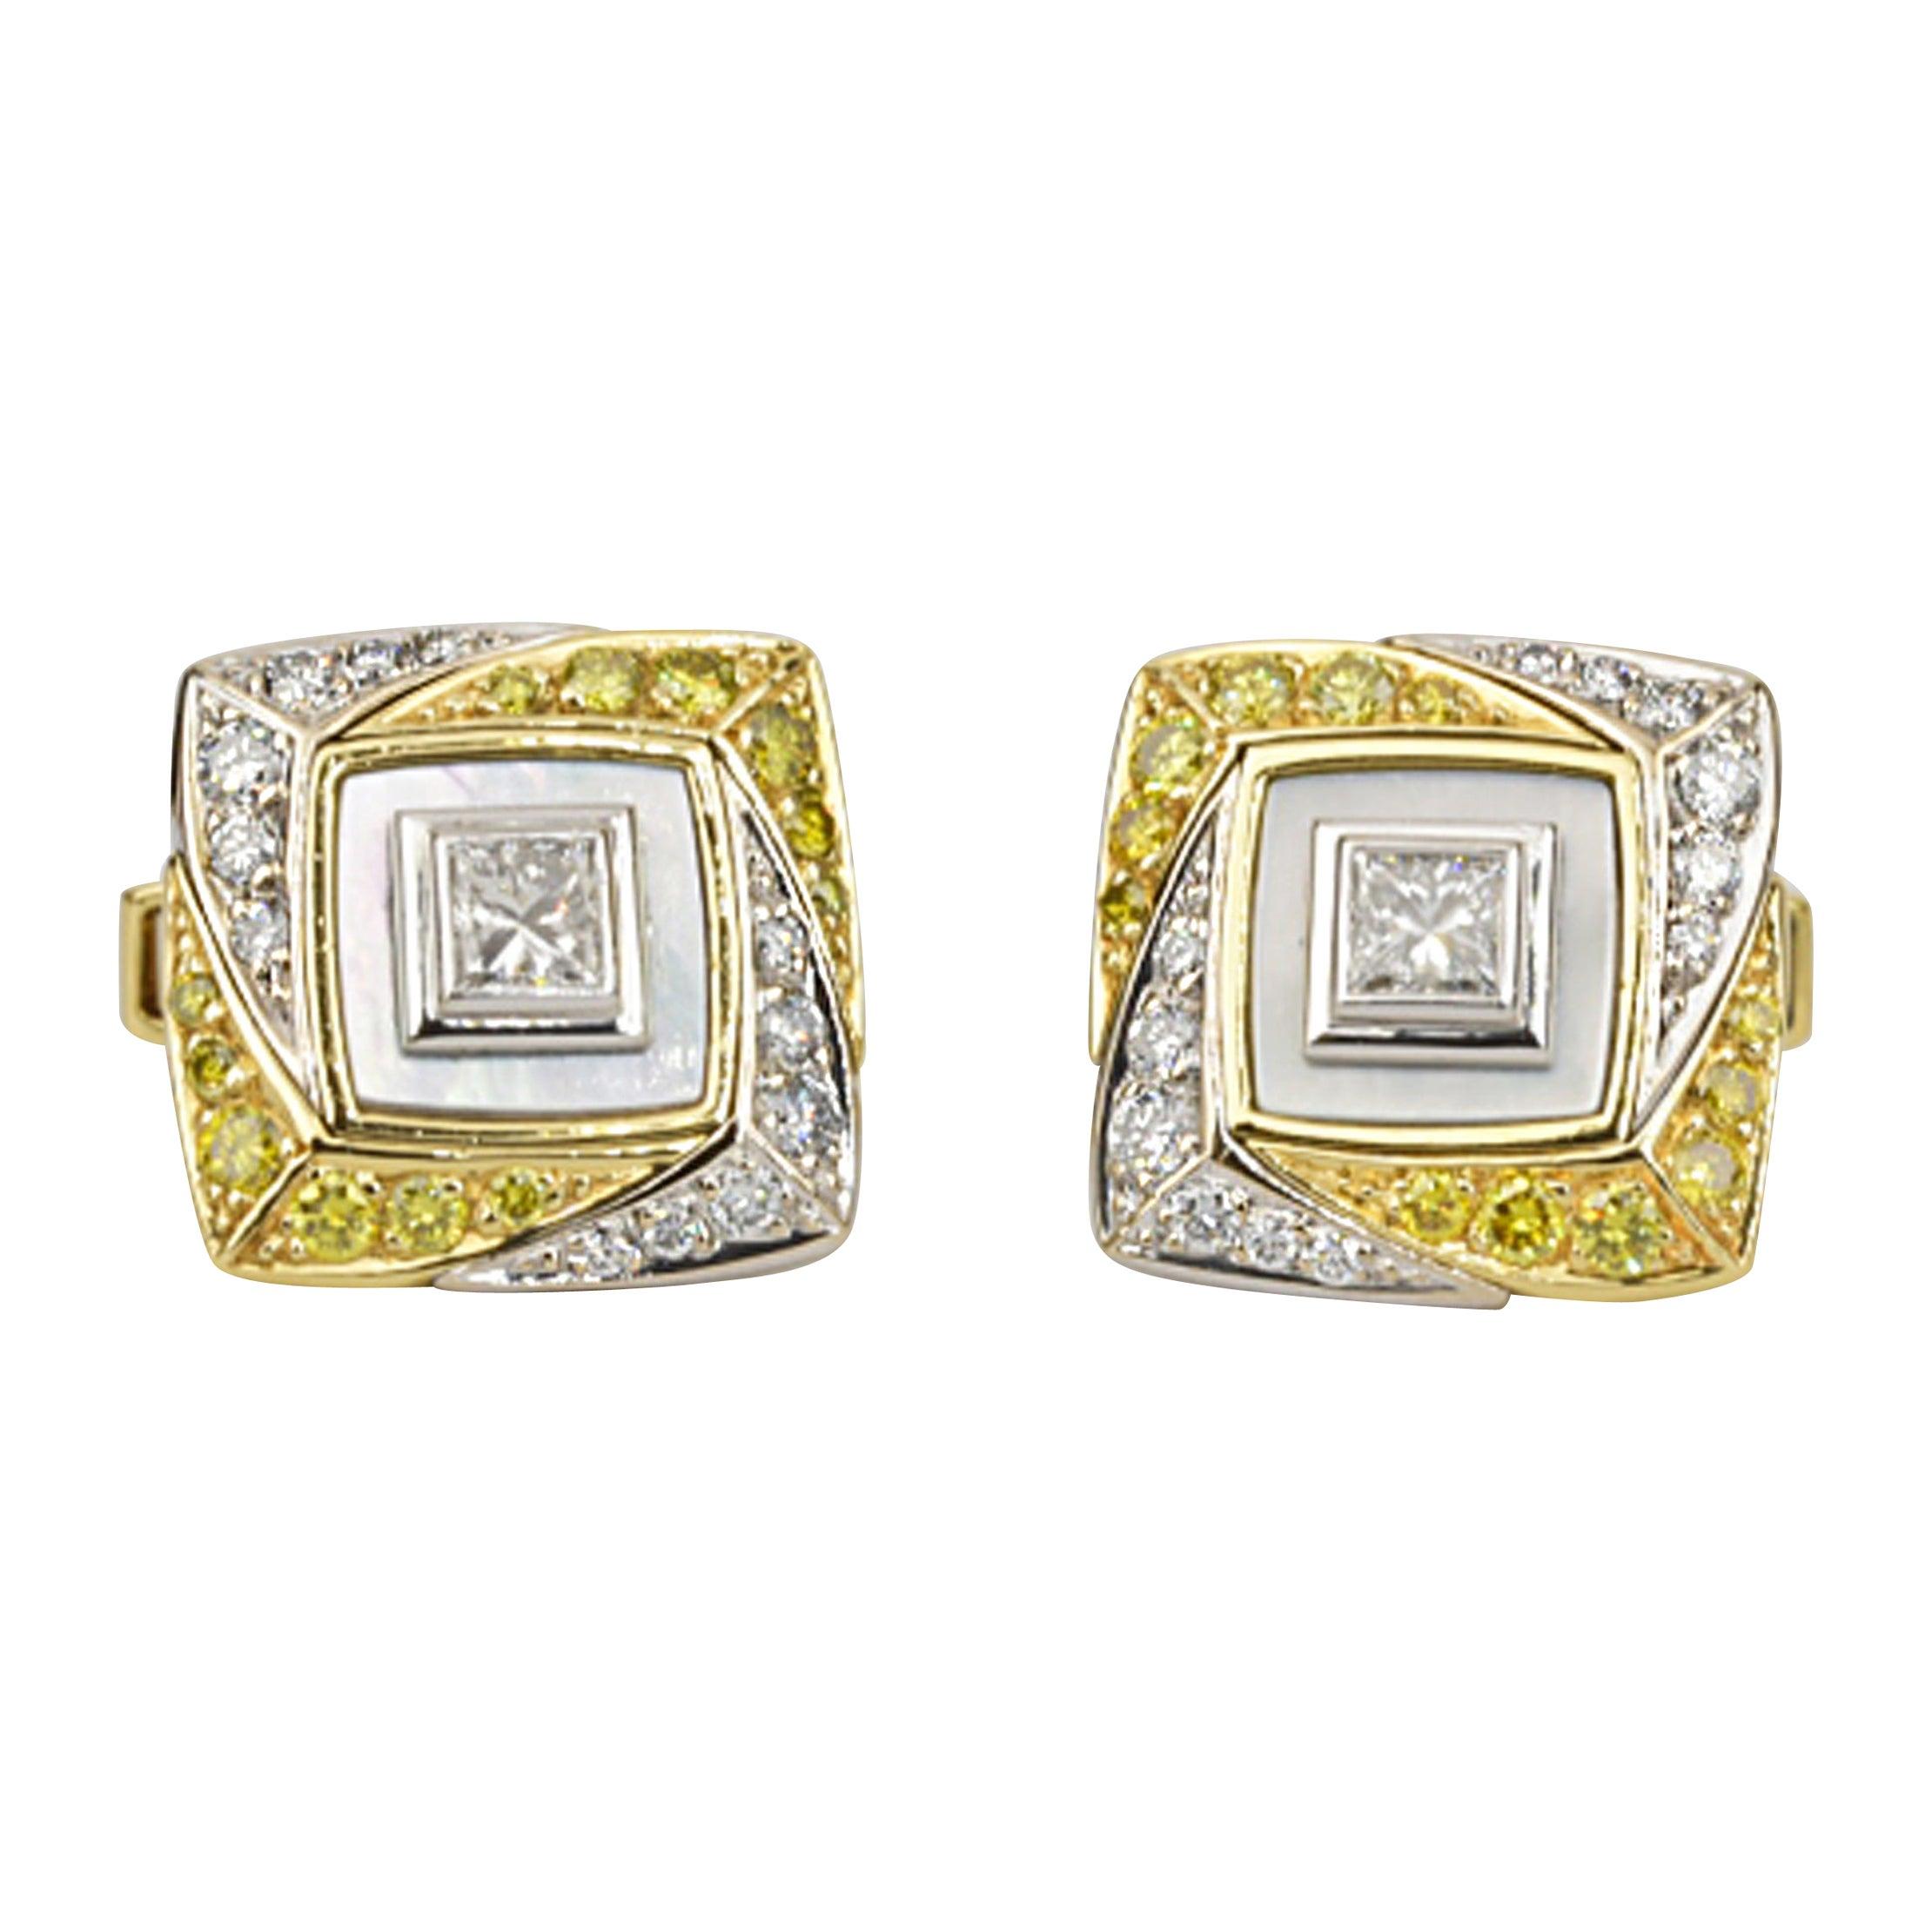 Matthew Cambery 18 Karat Gold Platinum White Diamond Yellow Diamond Cufflinks